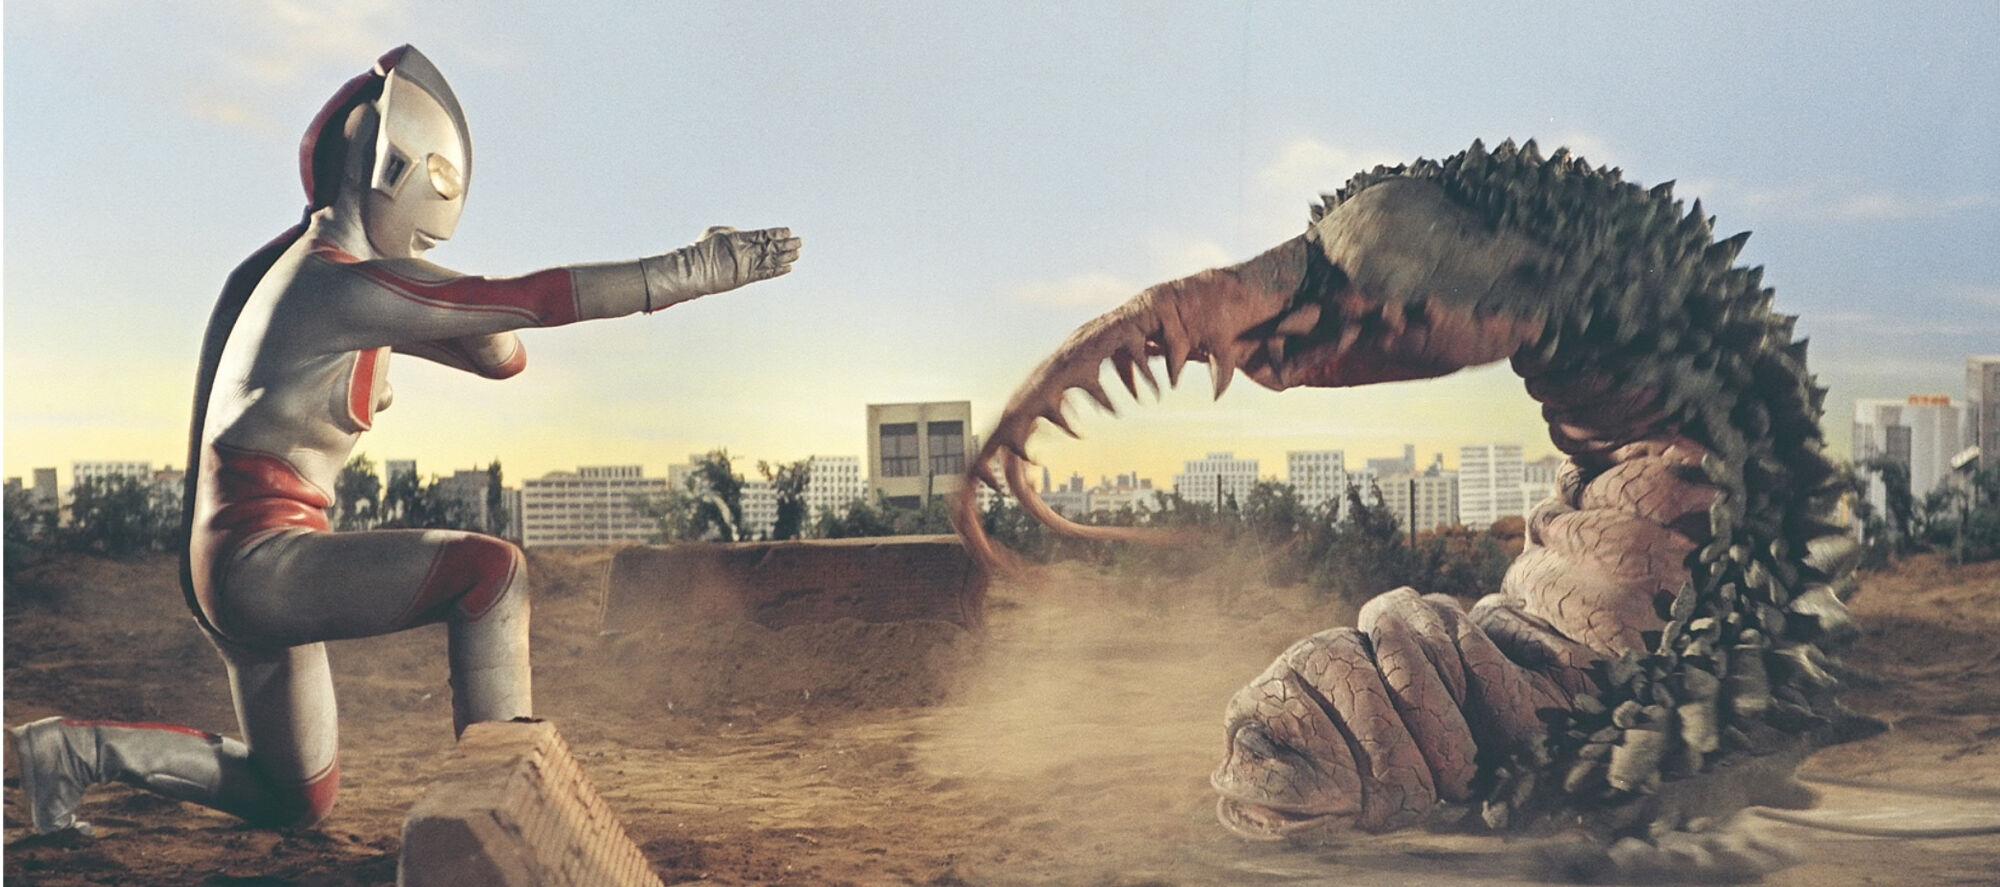 Battle! Monsters Vs. Mat | Ultraman Wiki | FANDOM powered ...